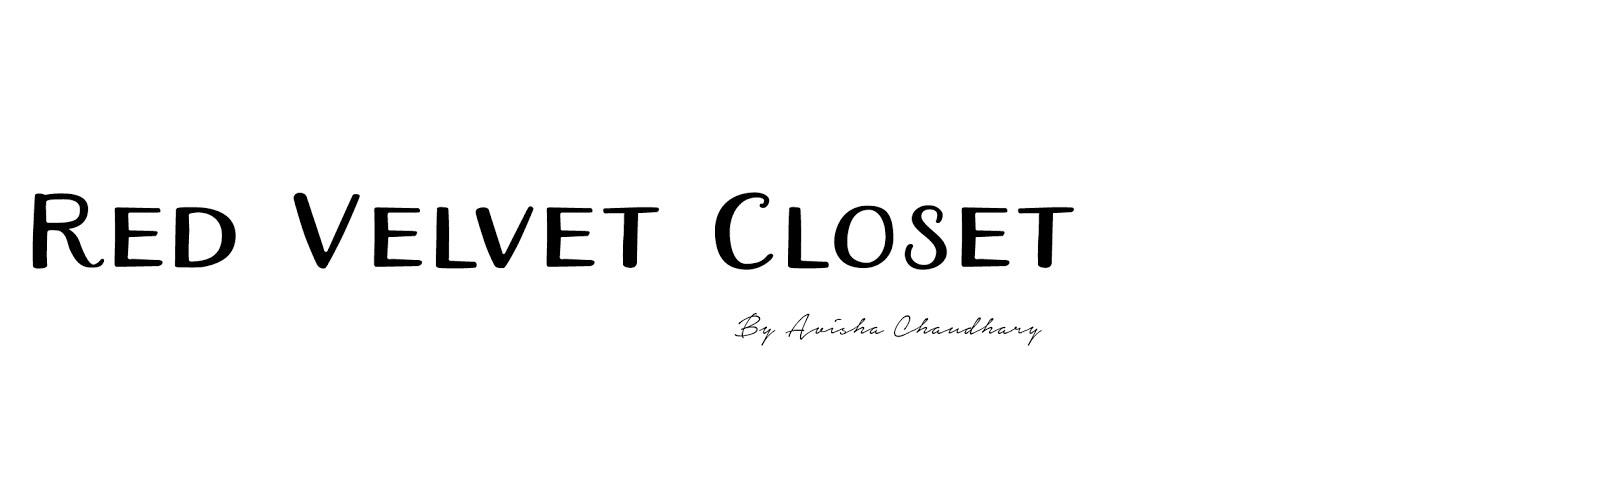 Red Velvet Closet